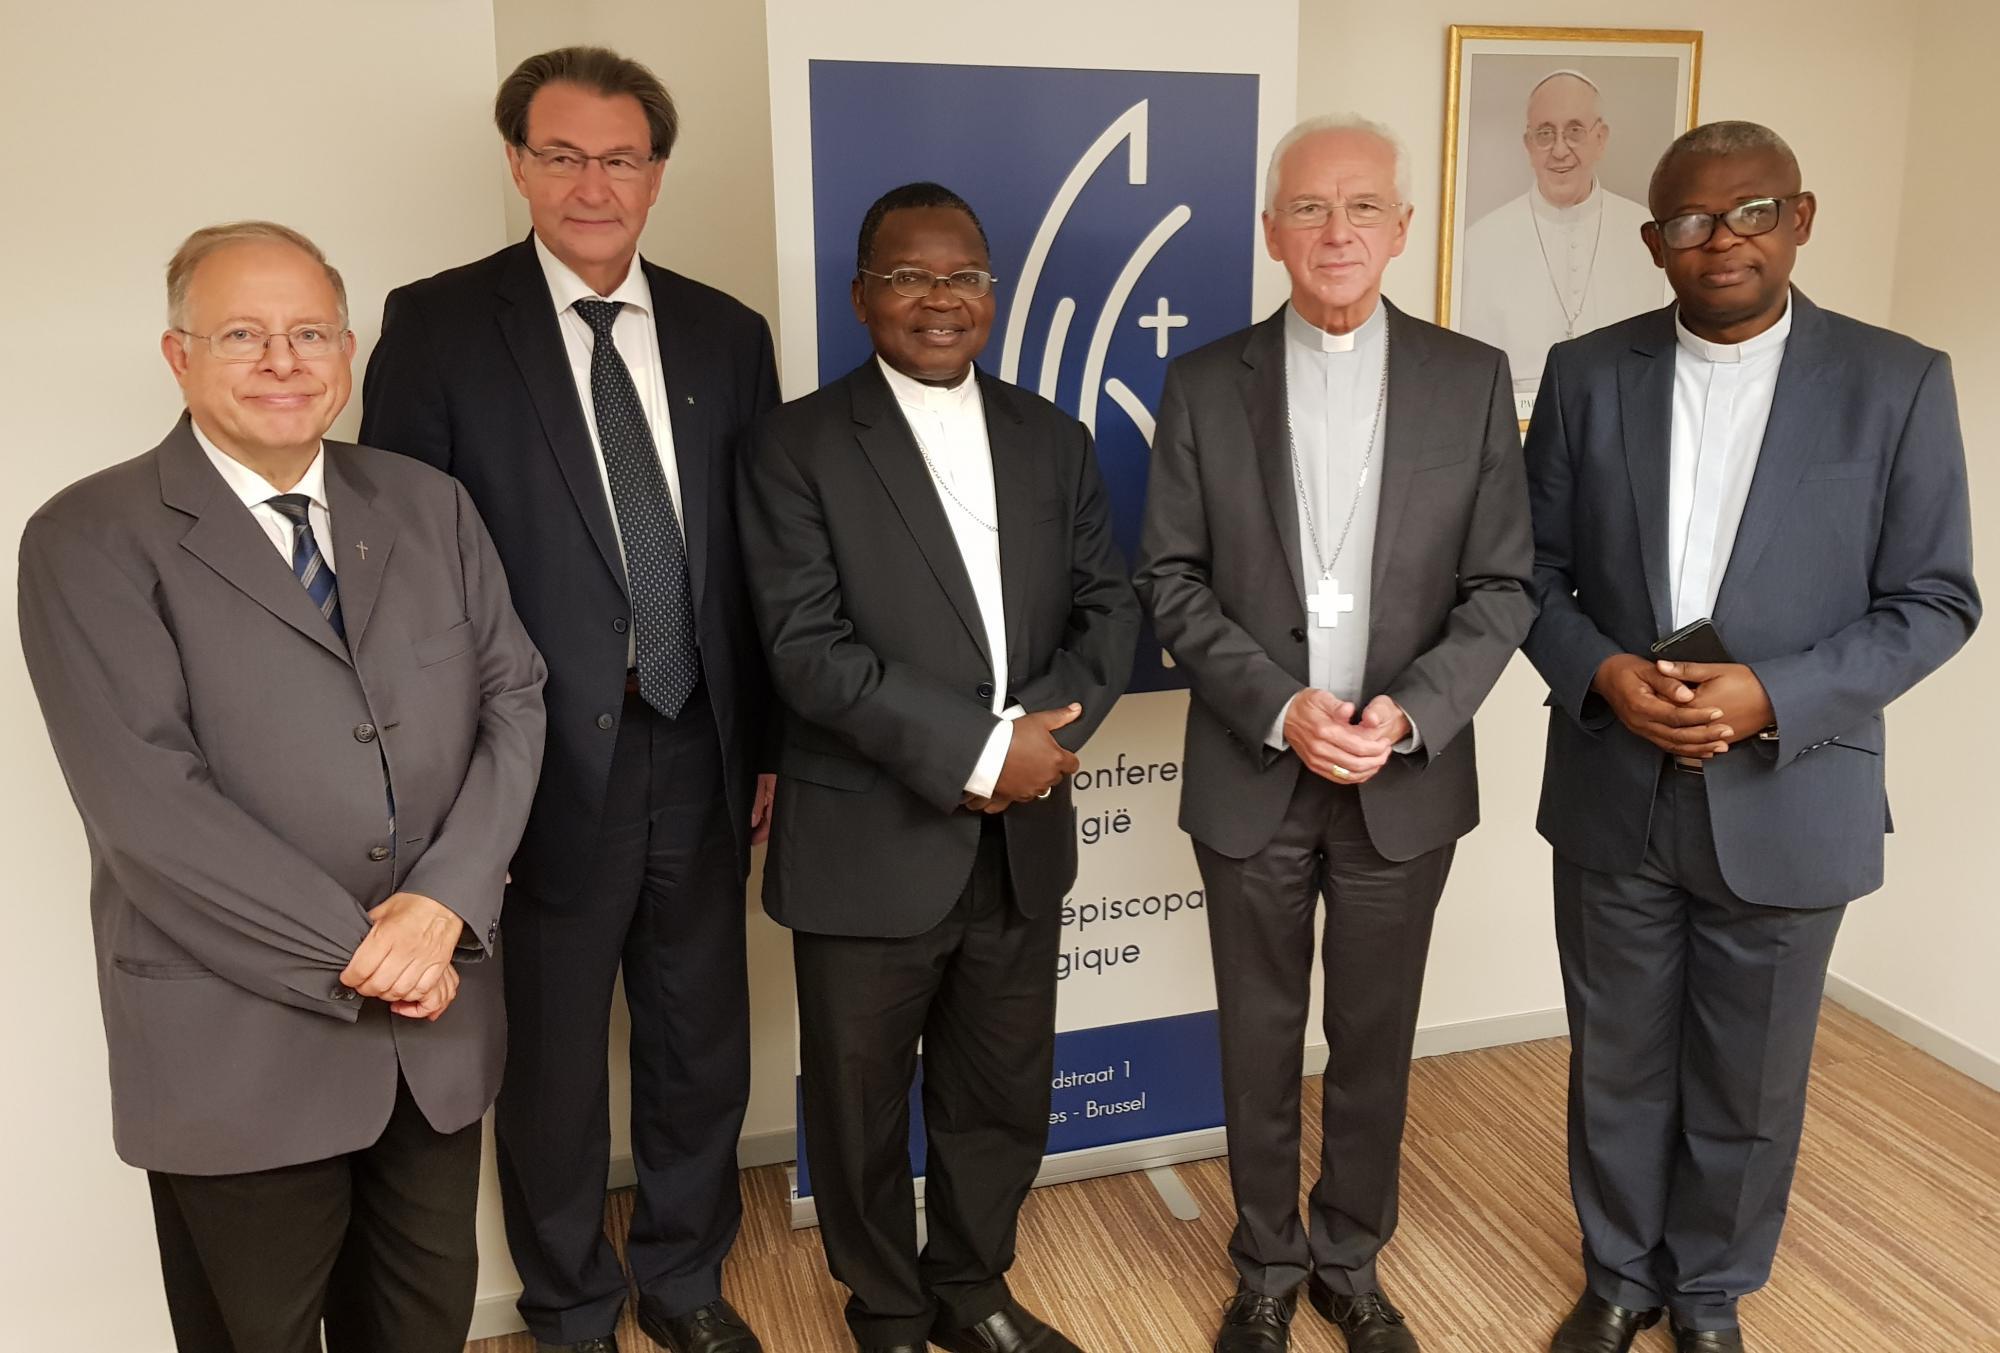 Eind vorige week was een tweekoppige delegatie van de CENCO, de Bisschoppenconferentie van DR Congo, op bezoek in Brussel © Geert Lesage